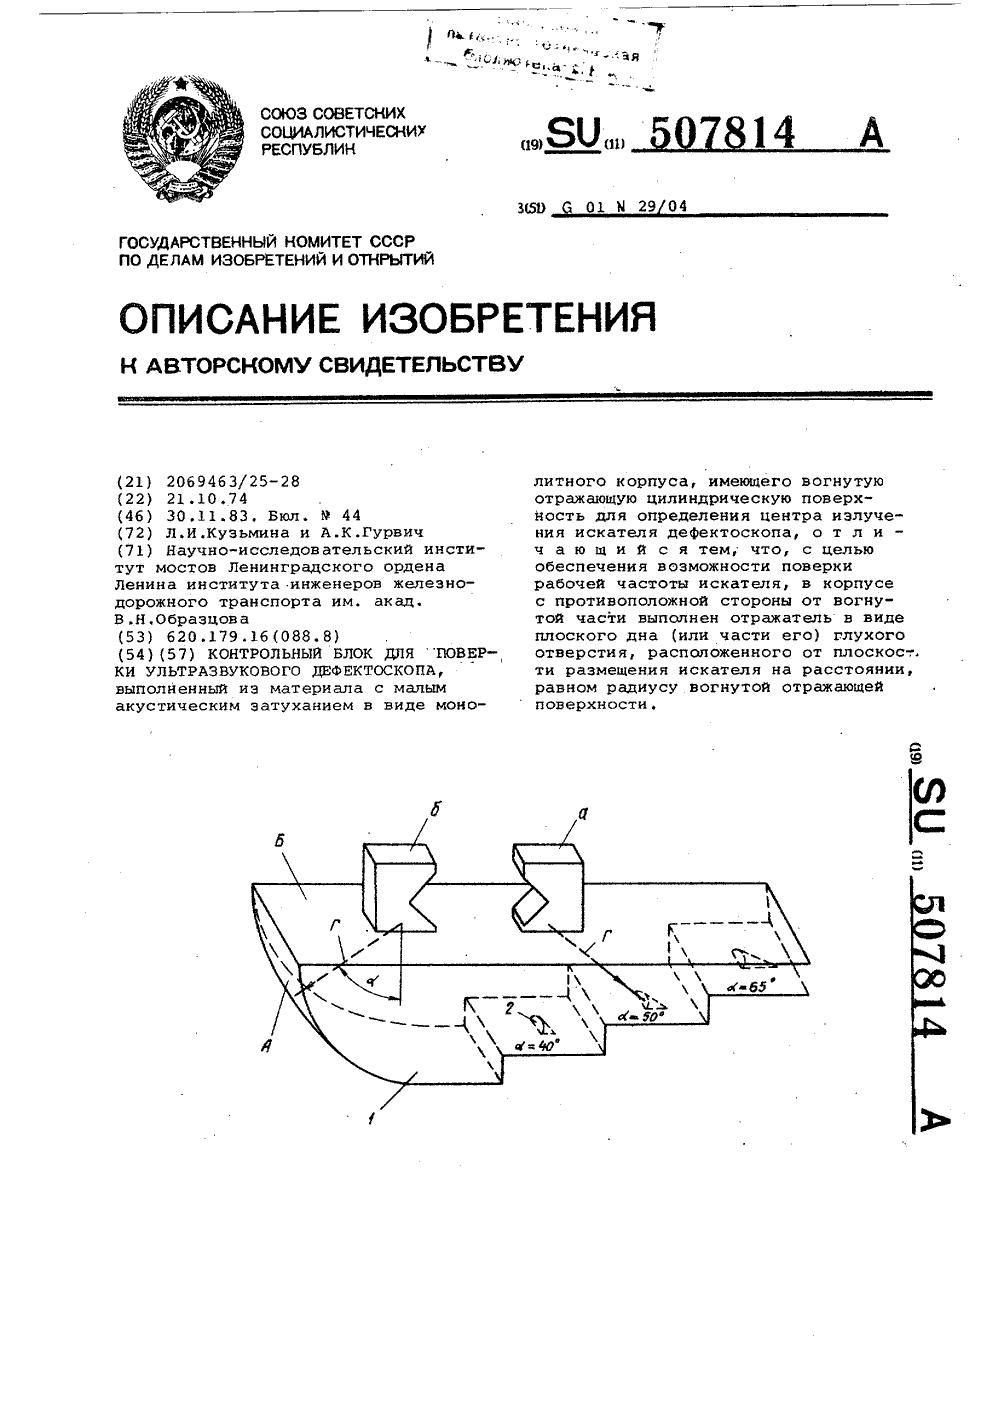 Контрольный блок для поверки ультразвукового дефектоскопа su  Контрольный блок для поверки ультразвукового дефектоскопа Страница 1